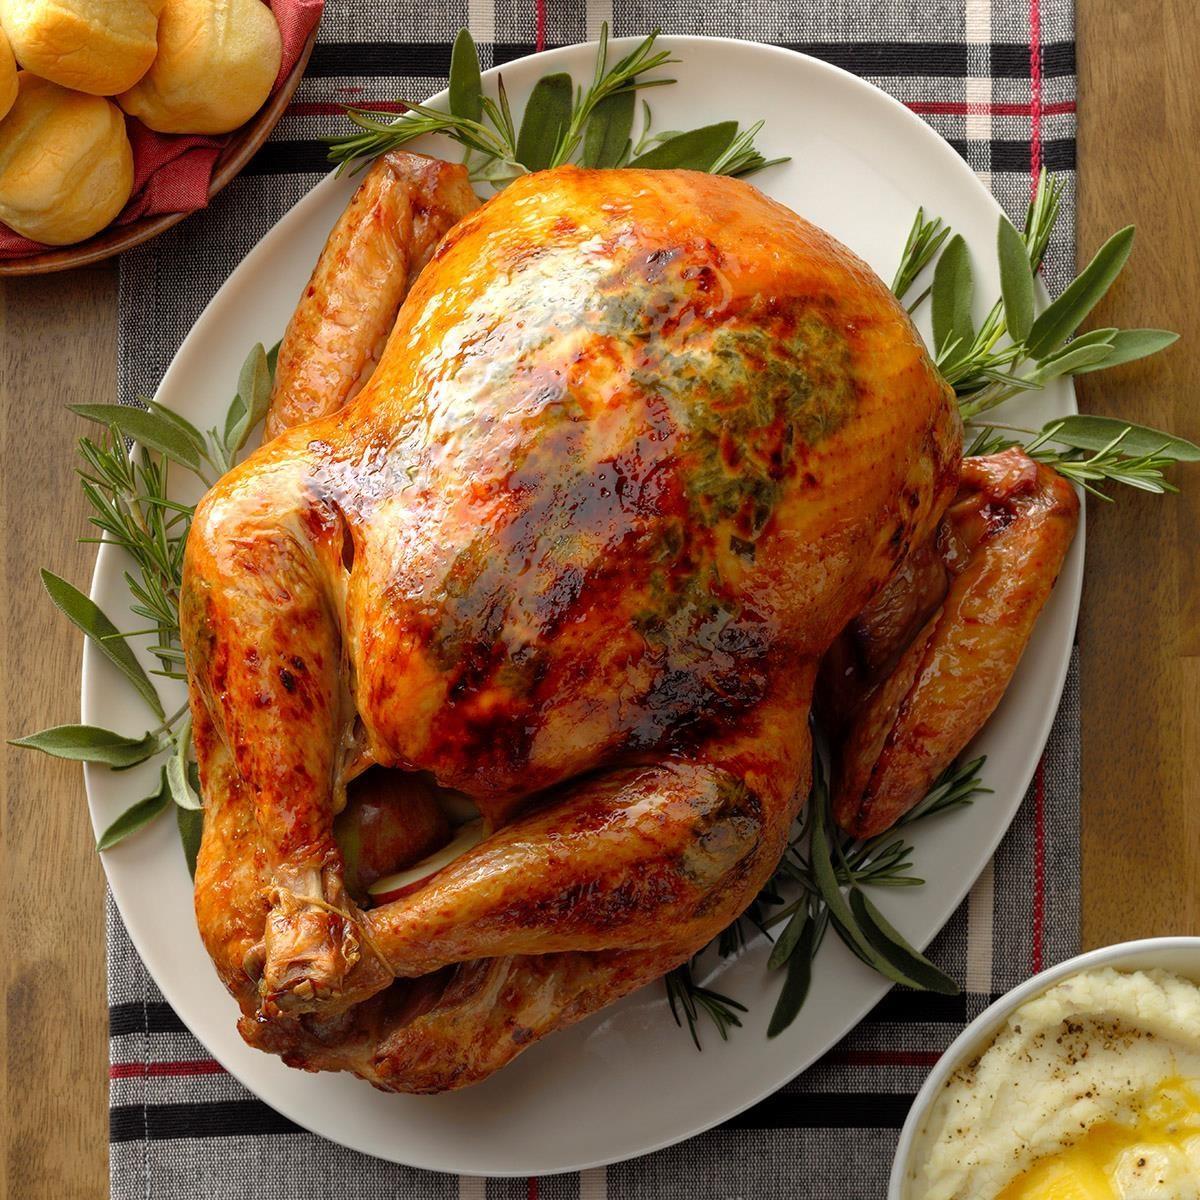 Turkey - cover